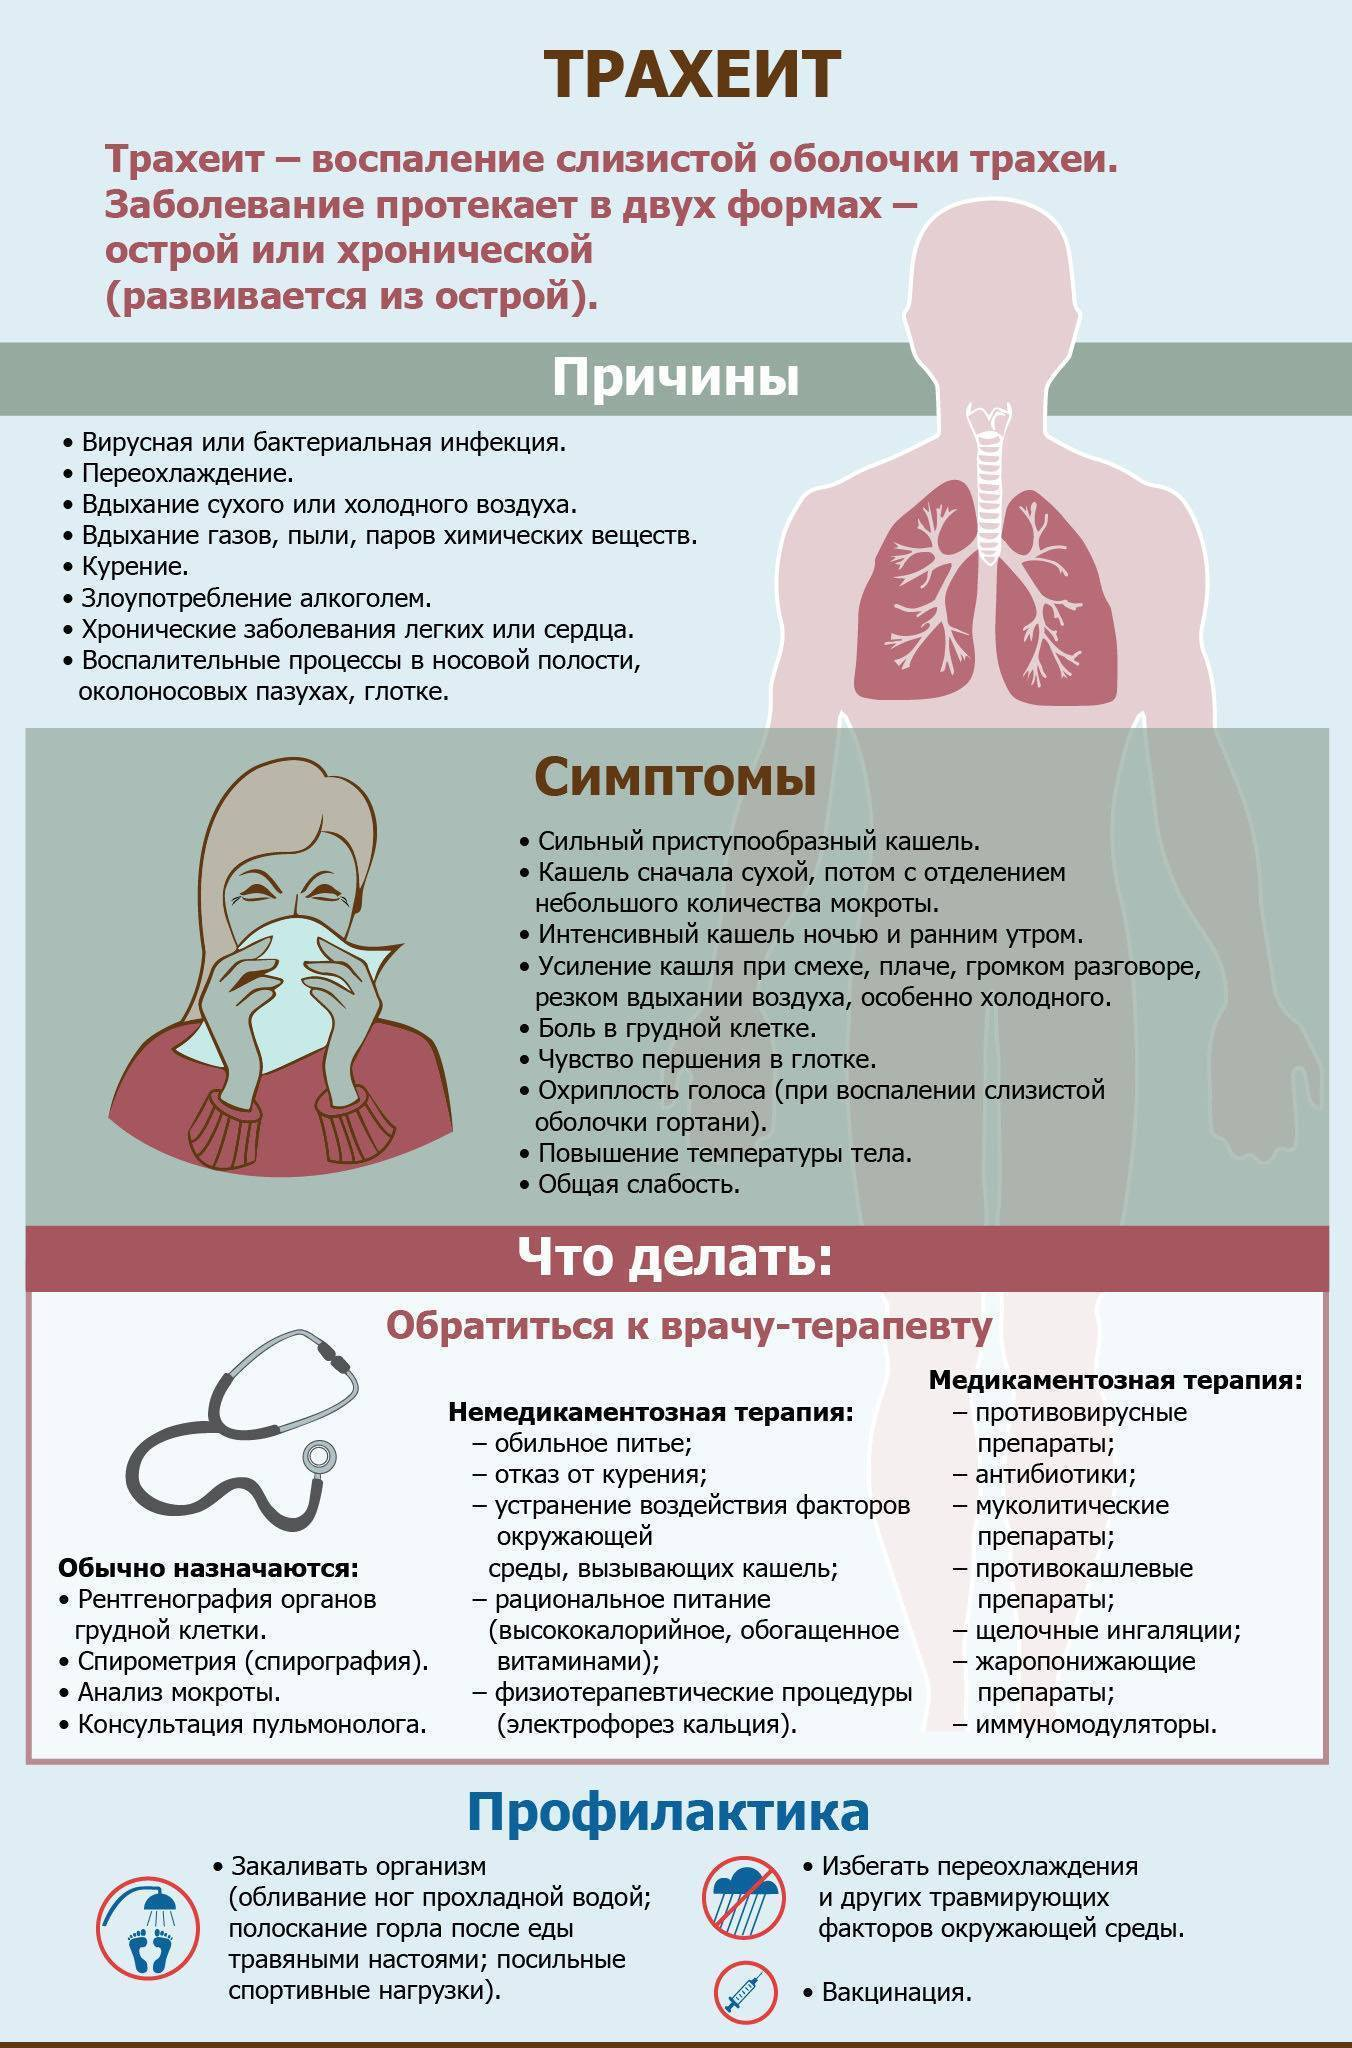 Бывают сильные приступы кашля что делать